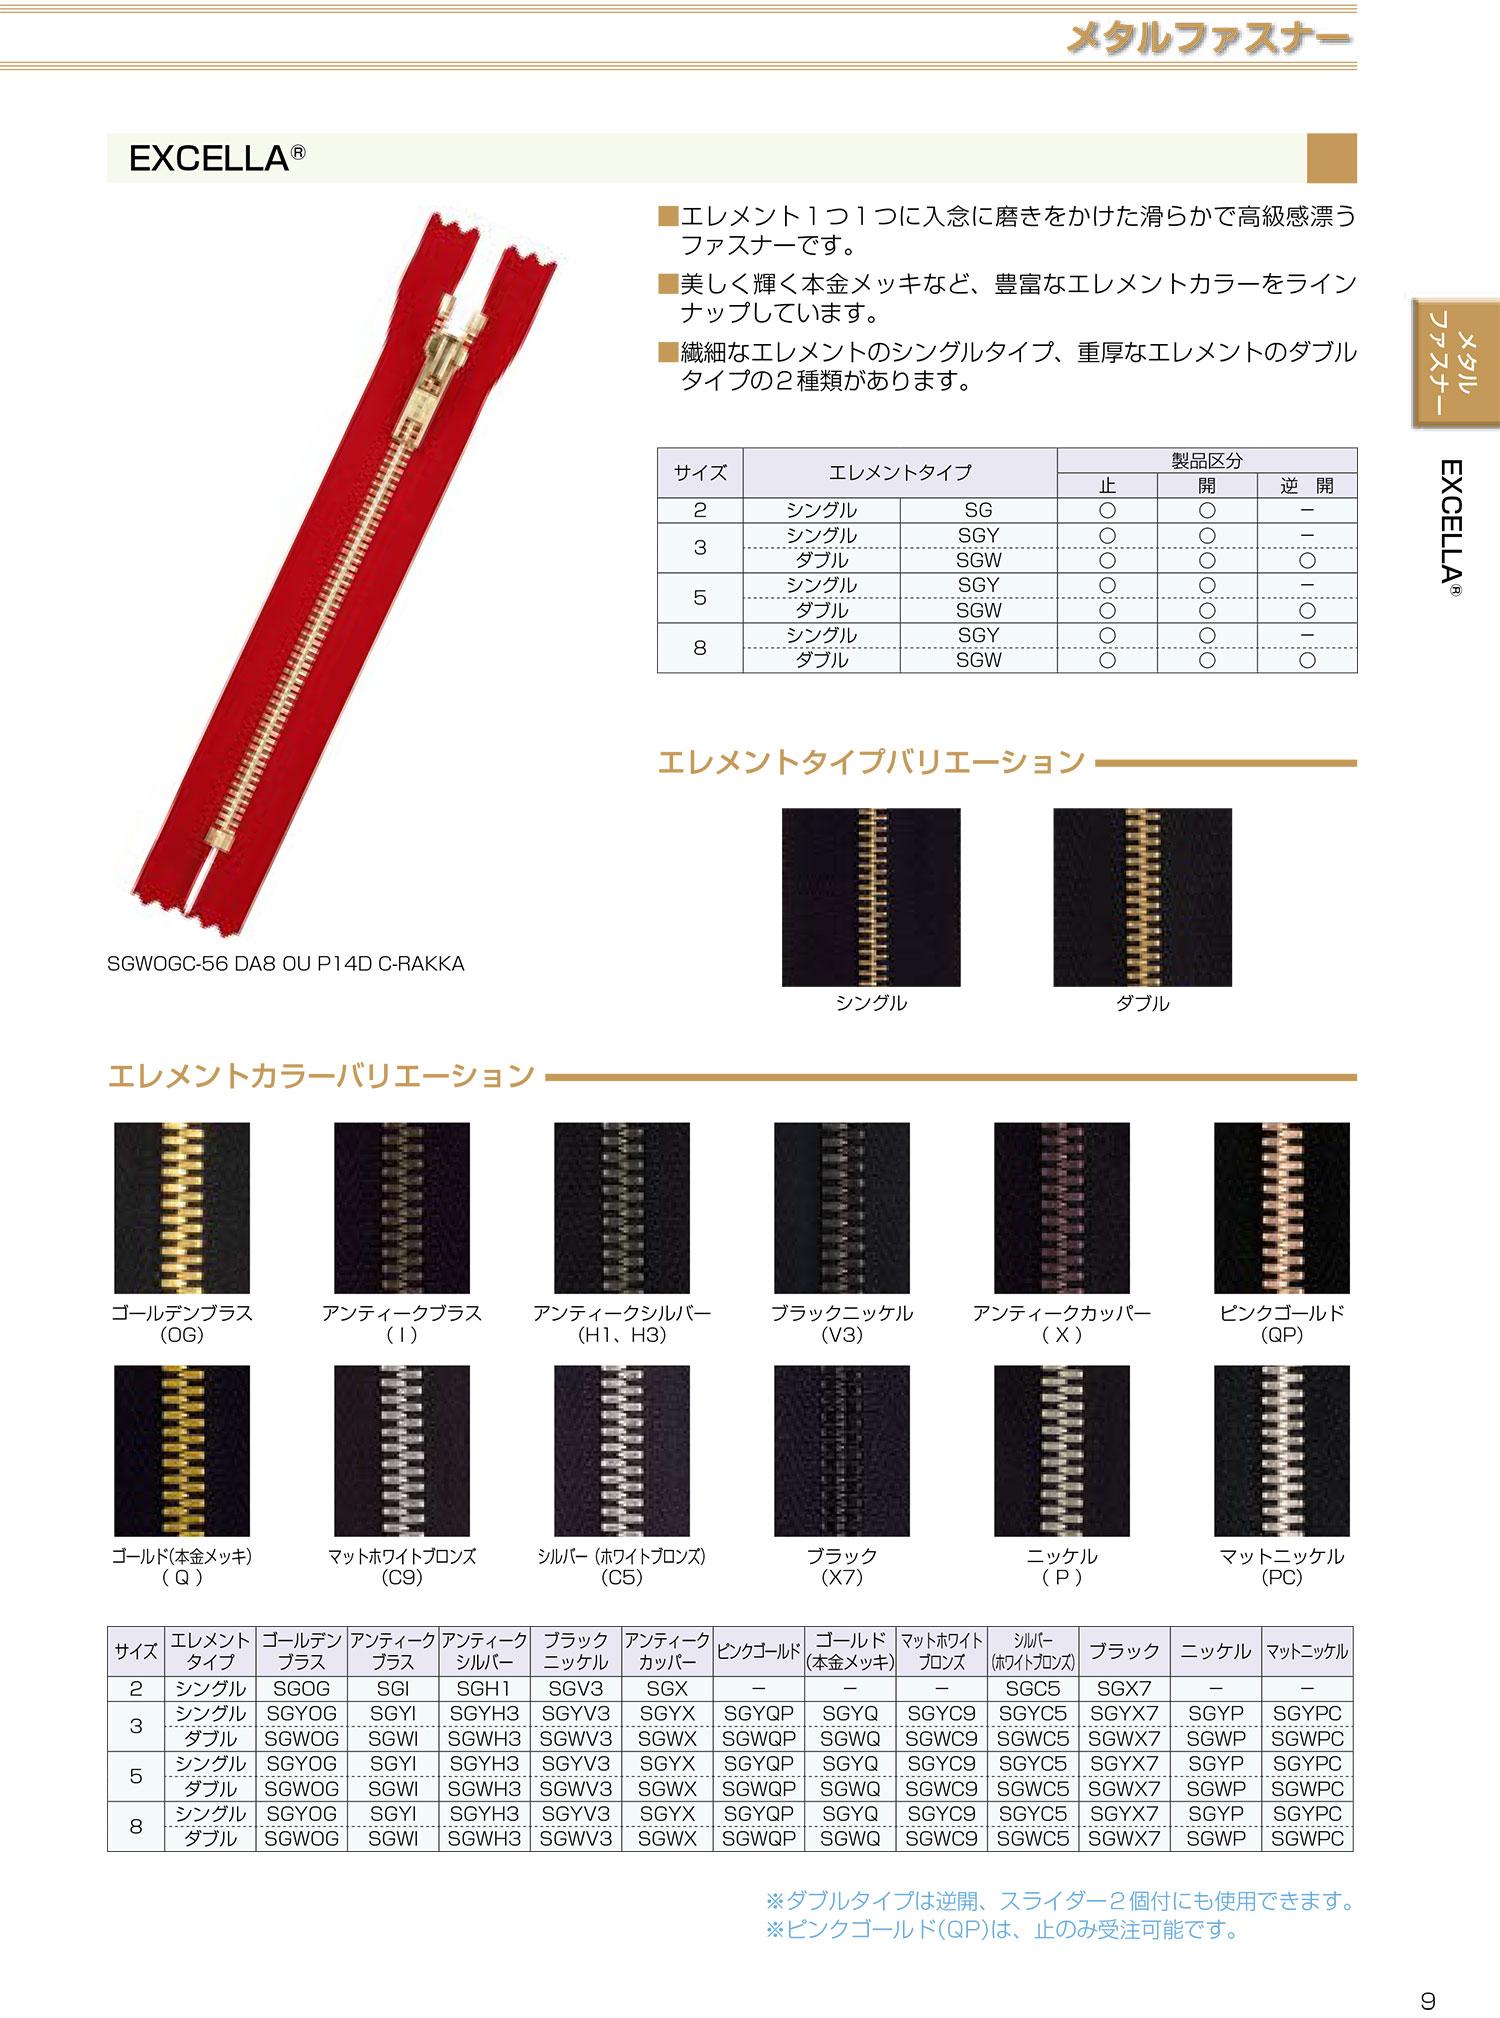 5SGWX7C エクセラ 5サイズ ブラック 止め ダブル[ファスナー] YKK/オークラ商事 - ApparelX アパレル資材卸通販